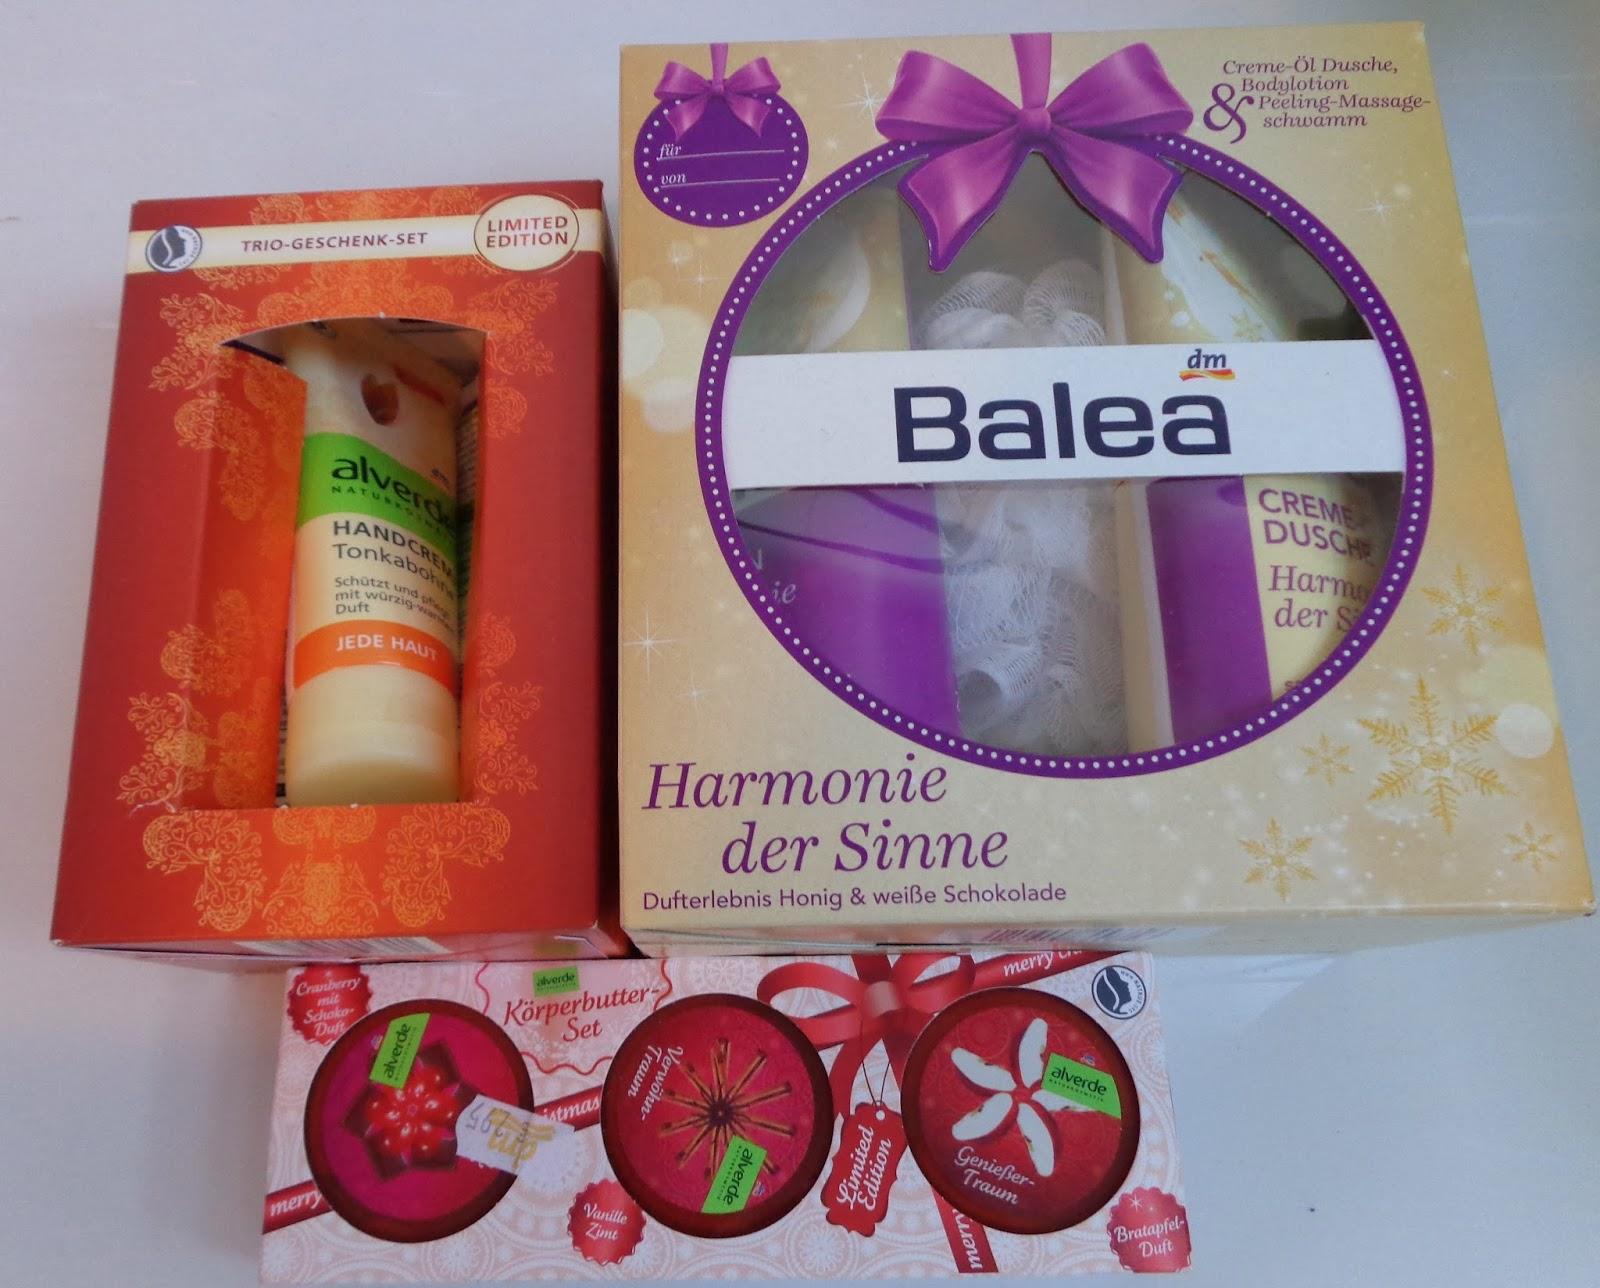 Balea Harmonie der Sinne; alverde Trio-Geschenk-Set; alverde Körperbutter-Set